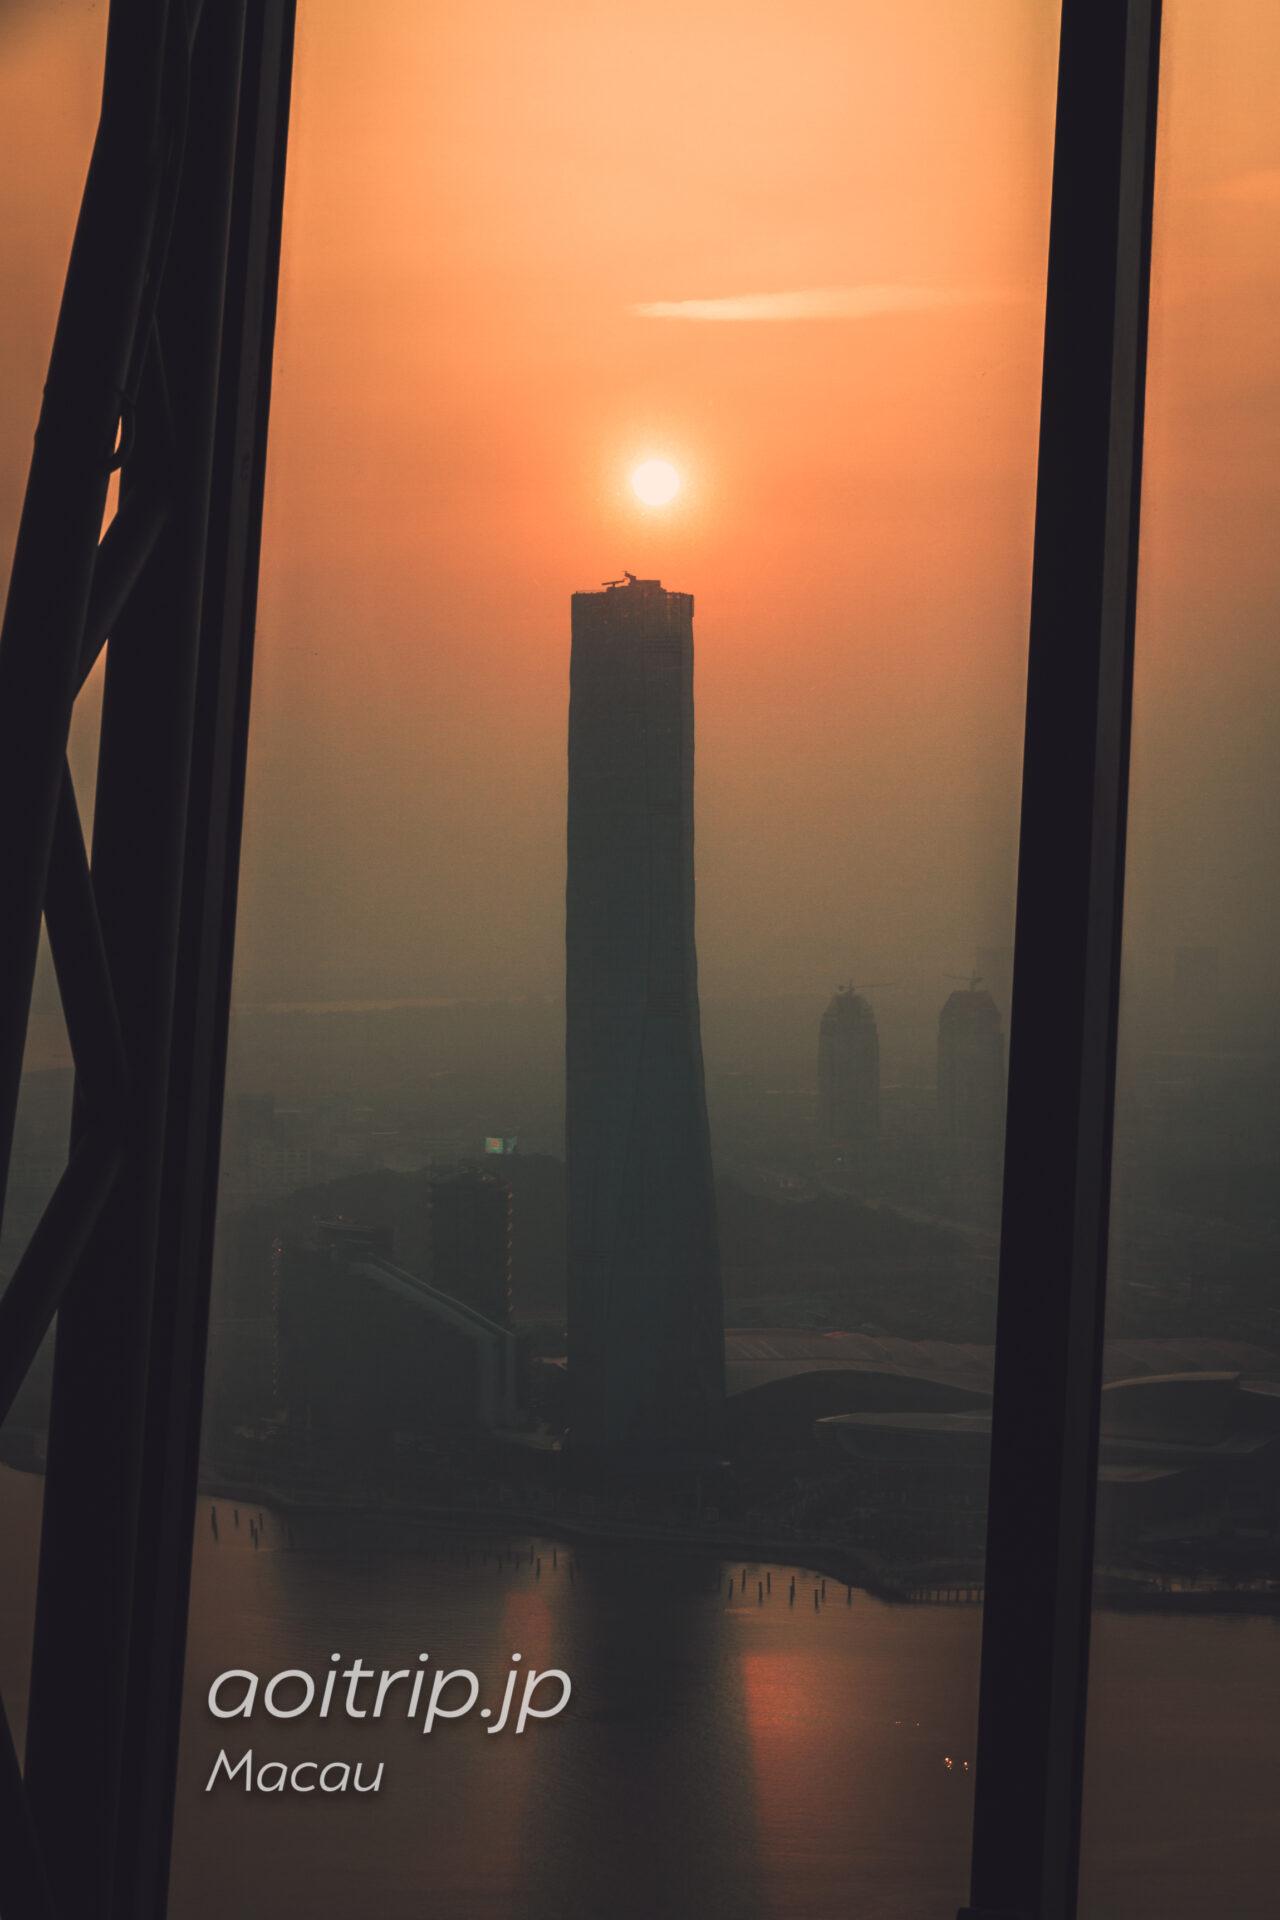 マカオタワーから夕日を望む